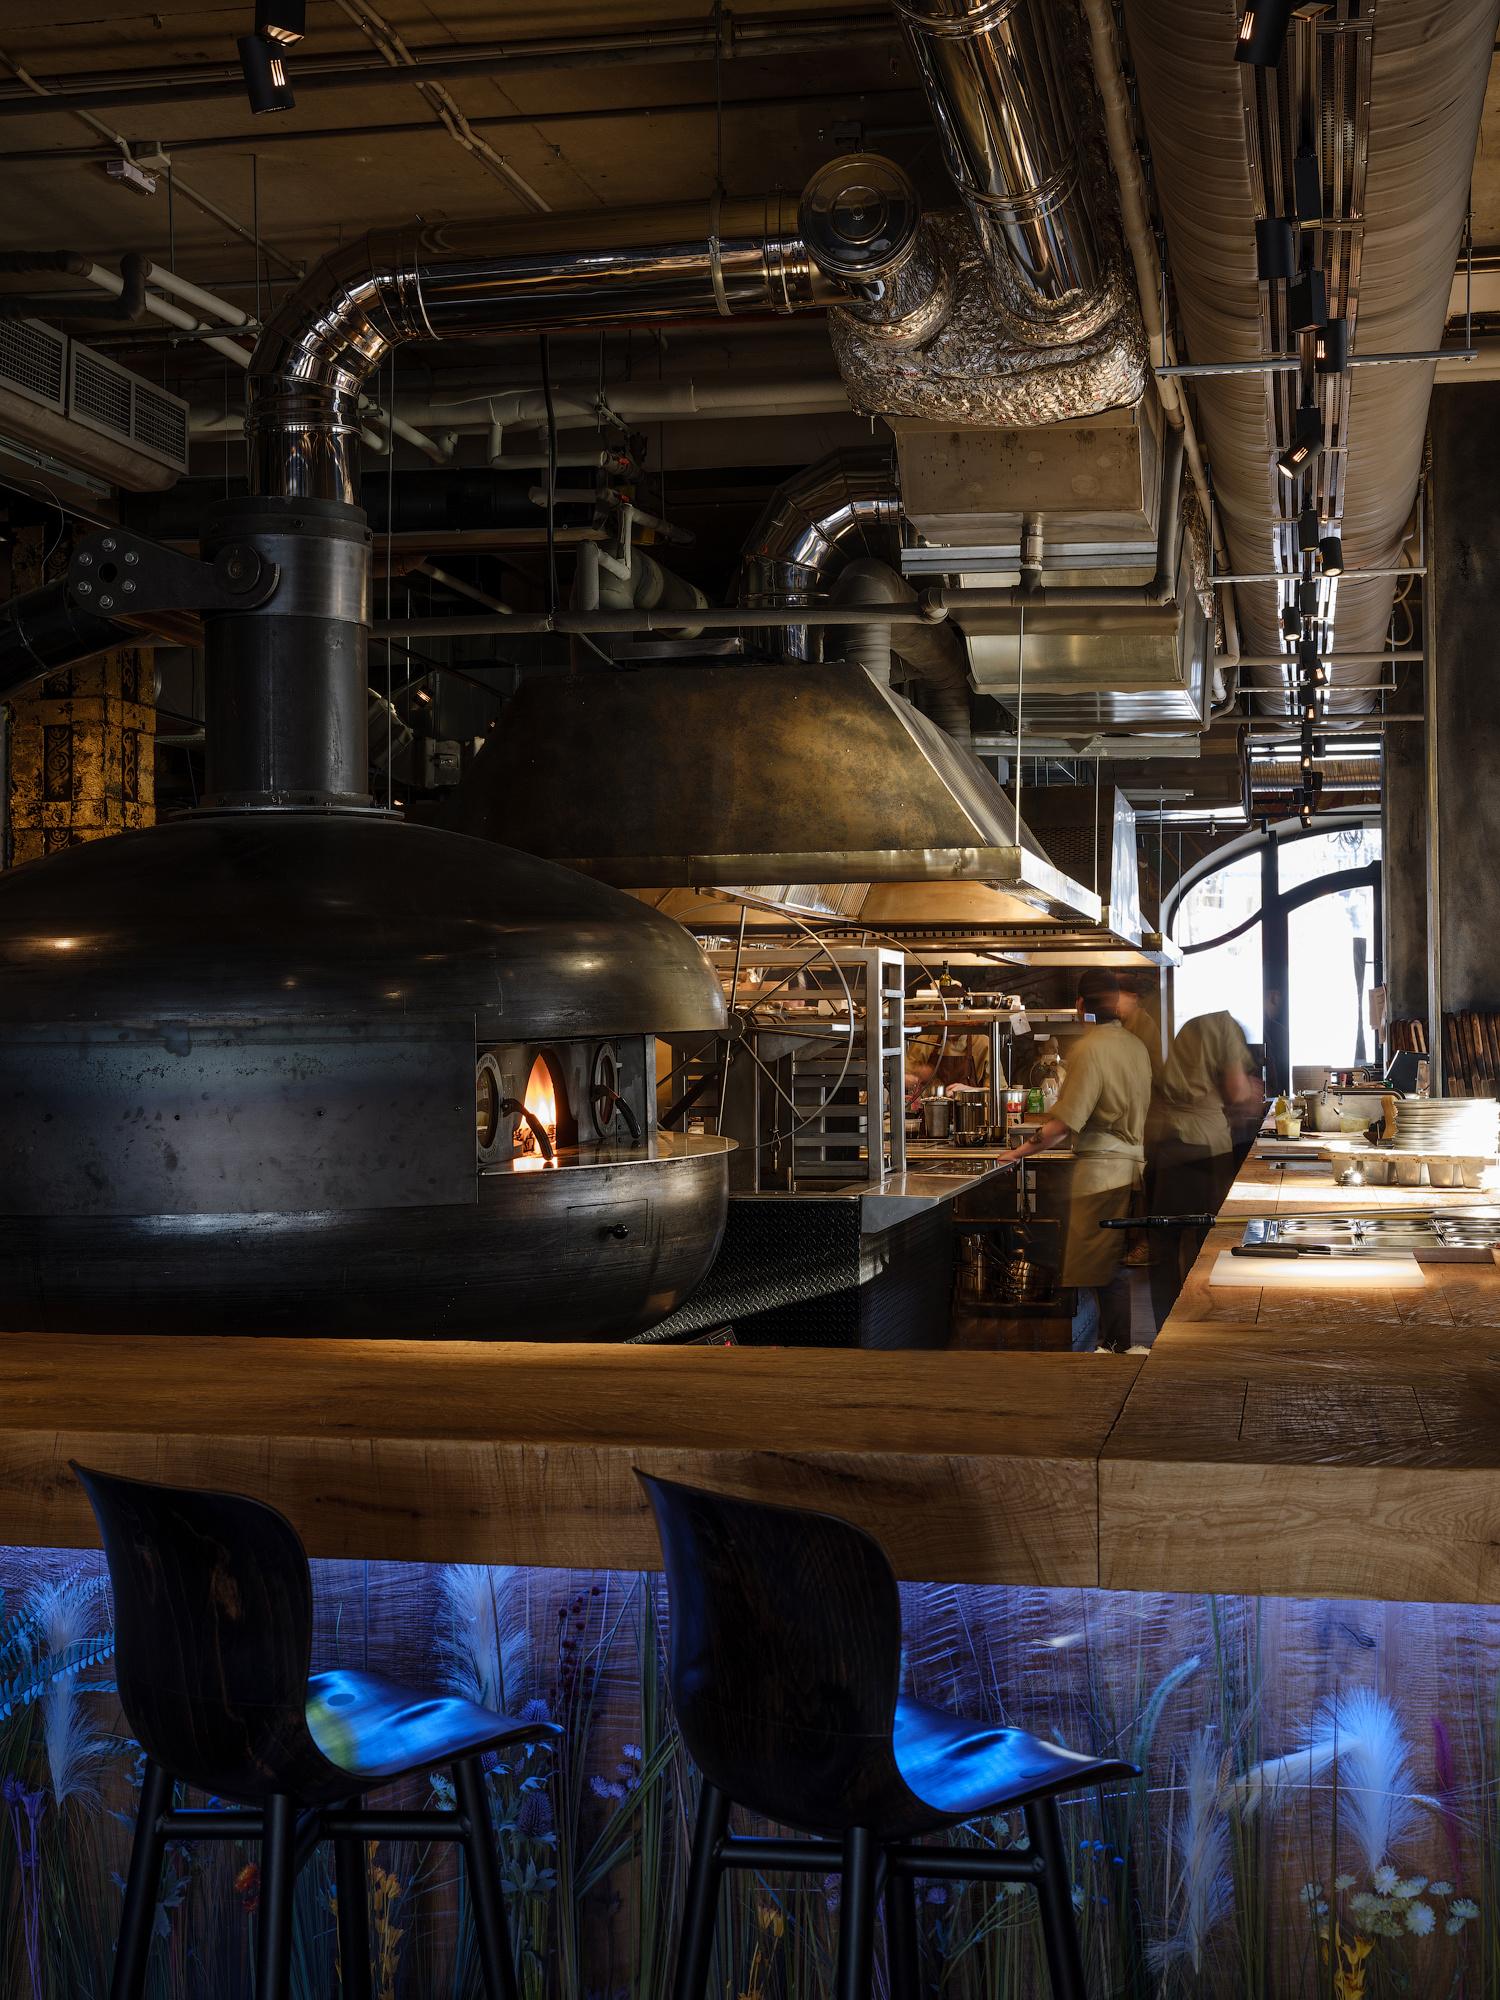 Ресторан «Горыныч»: проект Натальи Белоноговой (галерея 13, фото 1)